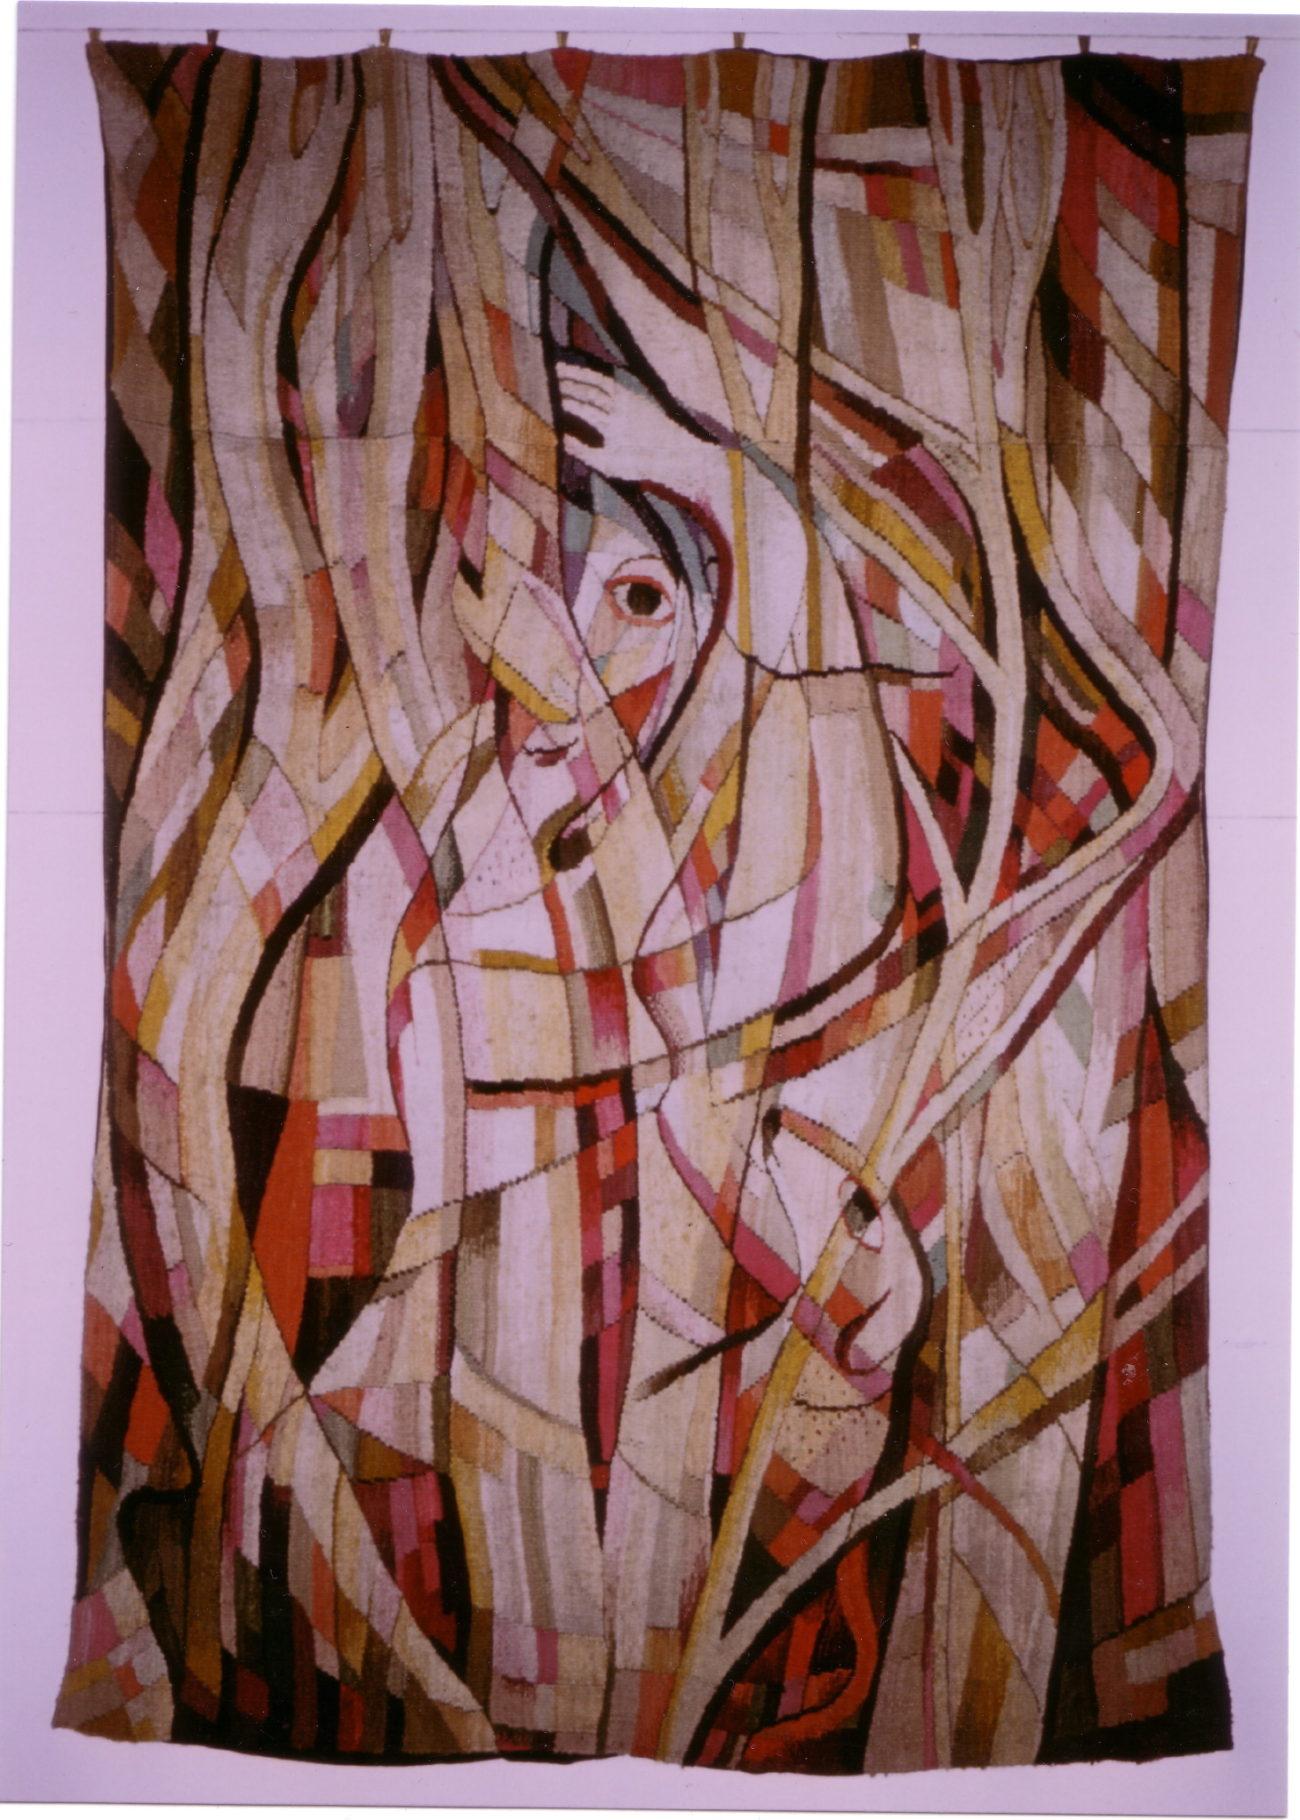 Johanna Schütz-Wolff - Frau unter Bäumen 1949 wol 190 x 130 cm - Handwerkwereld